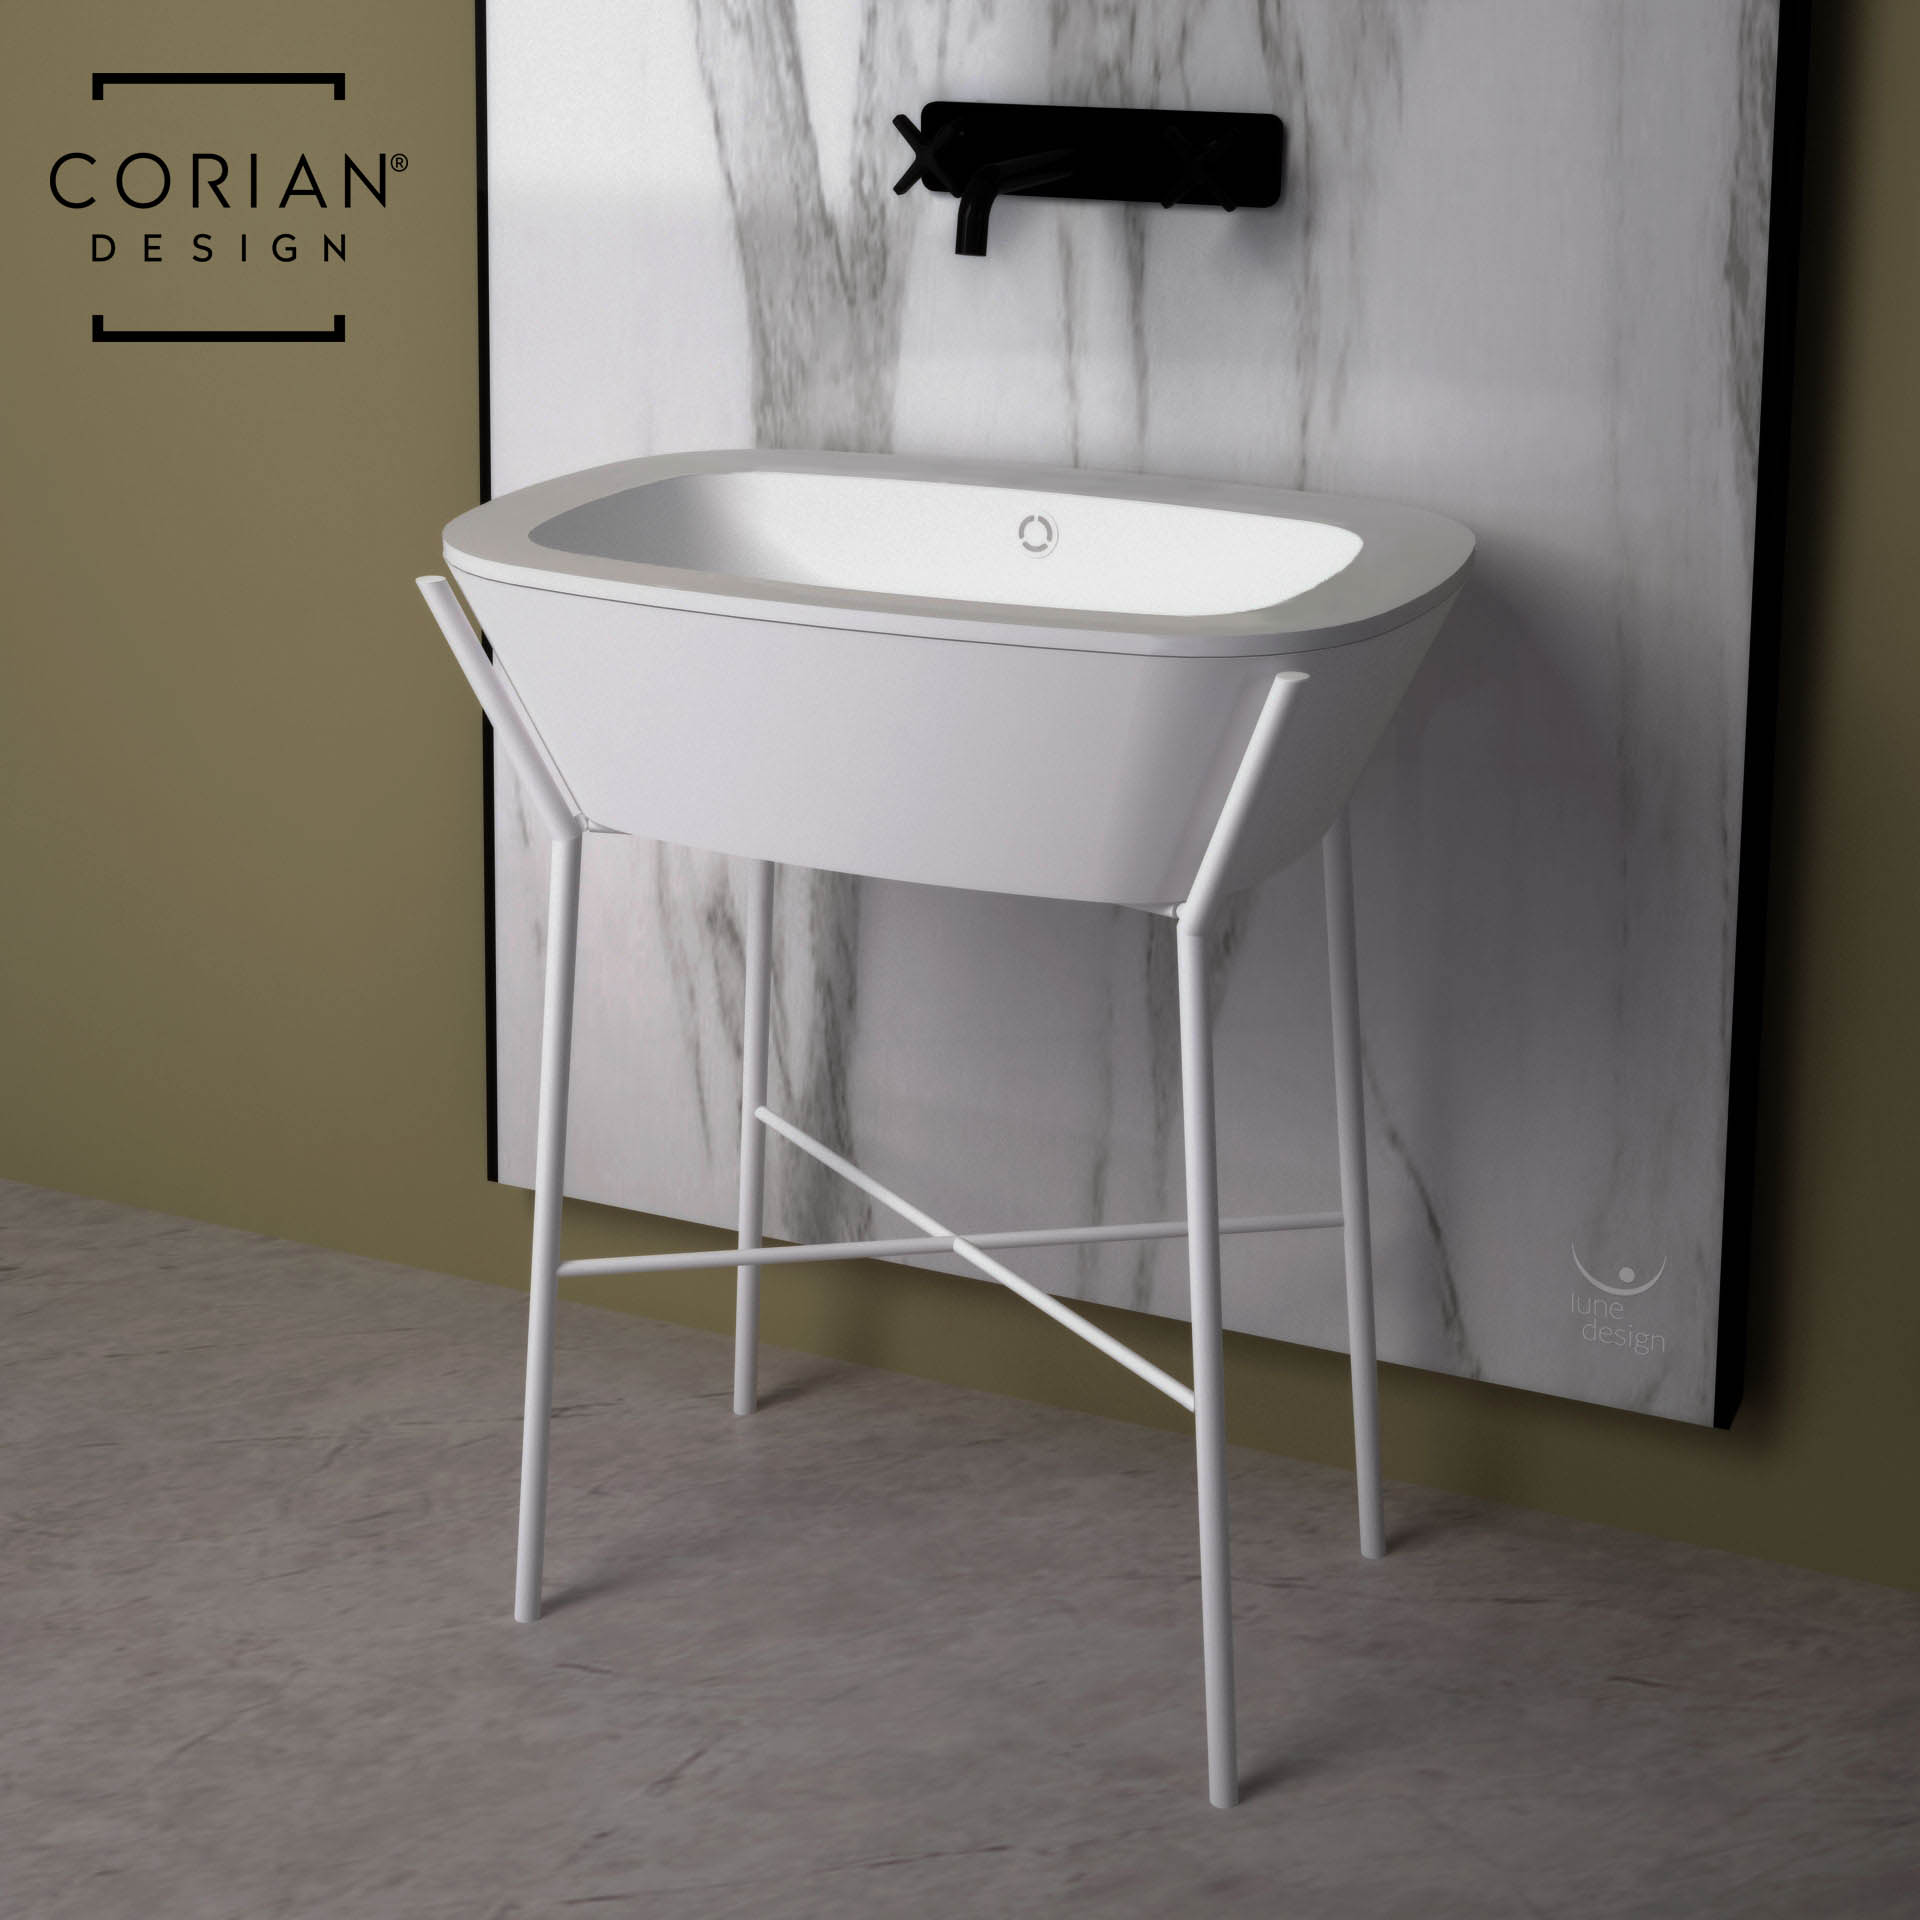 Piano Lavabo In Corian lune design - lavabo bagno in corian® bianco - base in metallo